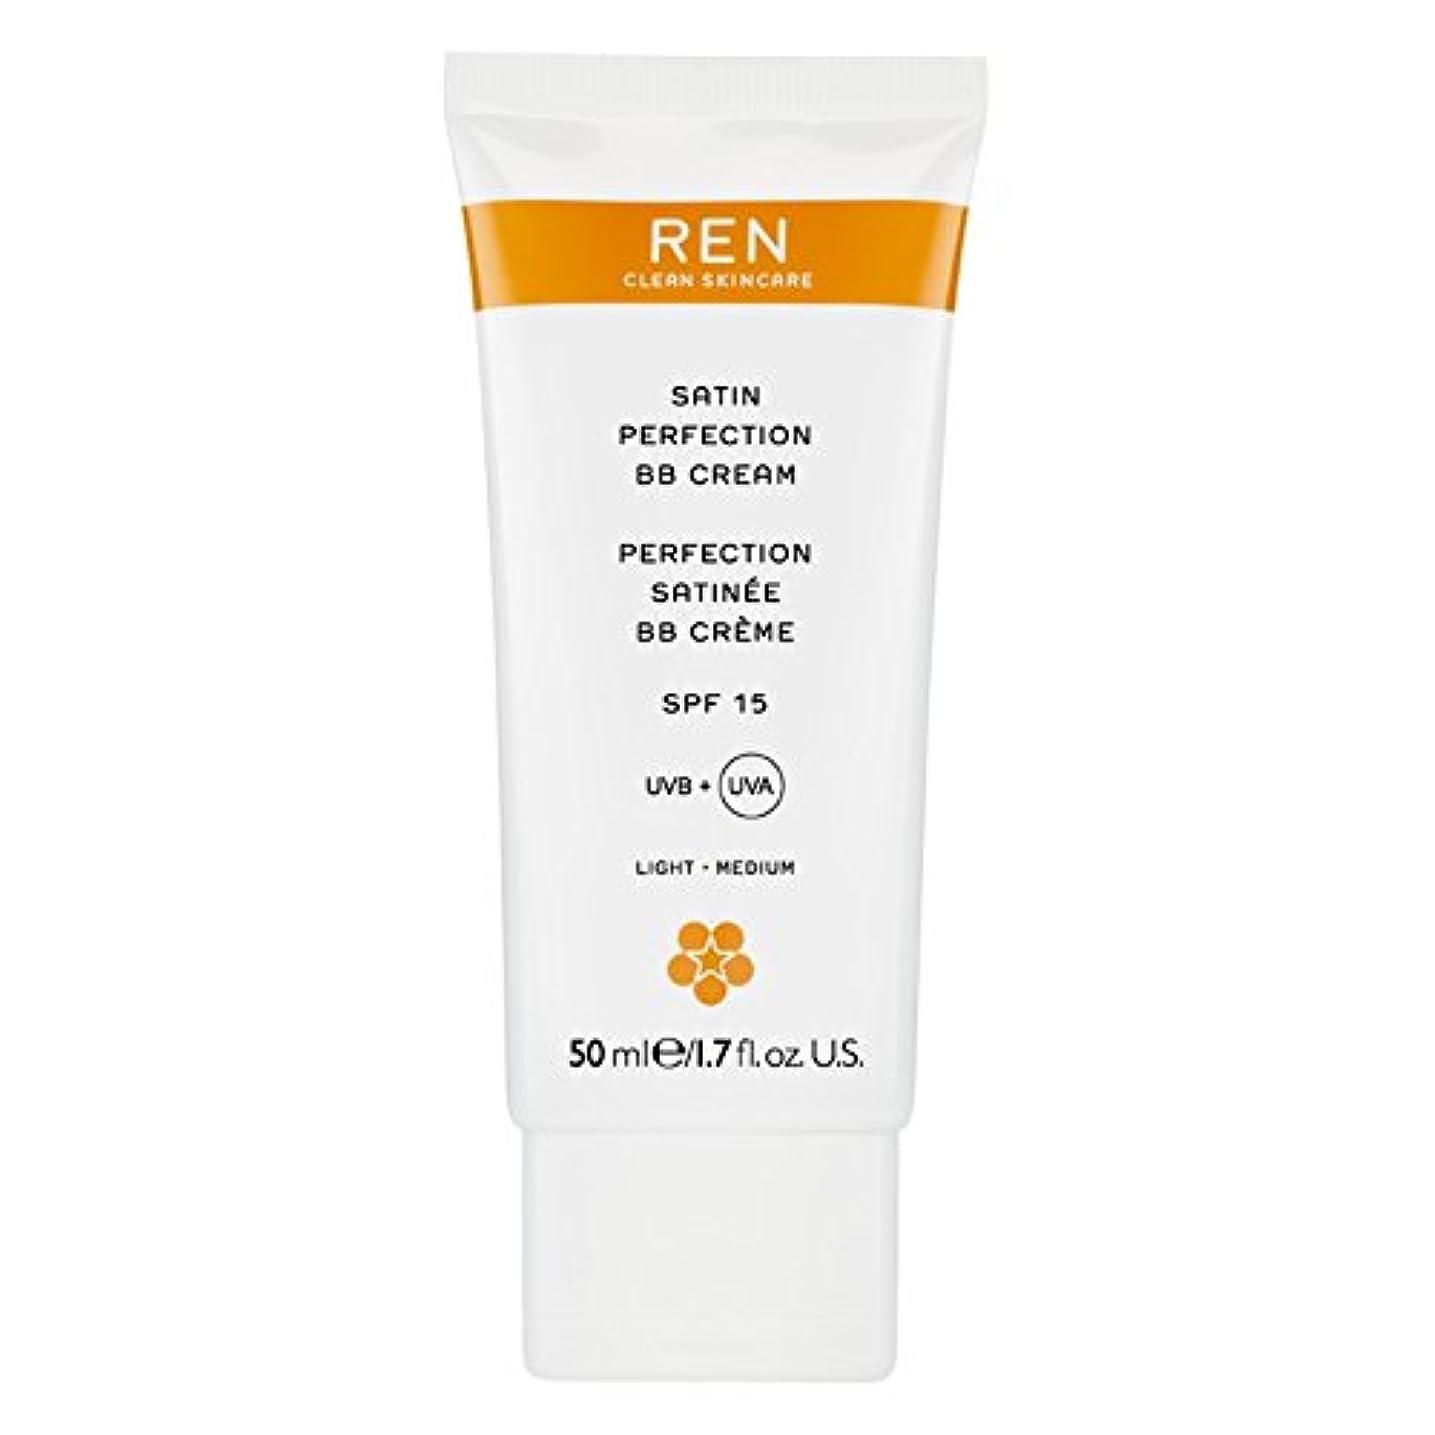 形成浸食引退するRenサテン完璧Bbクリーム50ミリリットル (REN) (x2) - REN Satin Perfection BB Cream 50ml (Pack of 2) [並行輸入品]